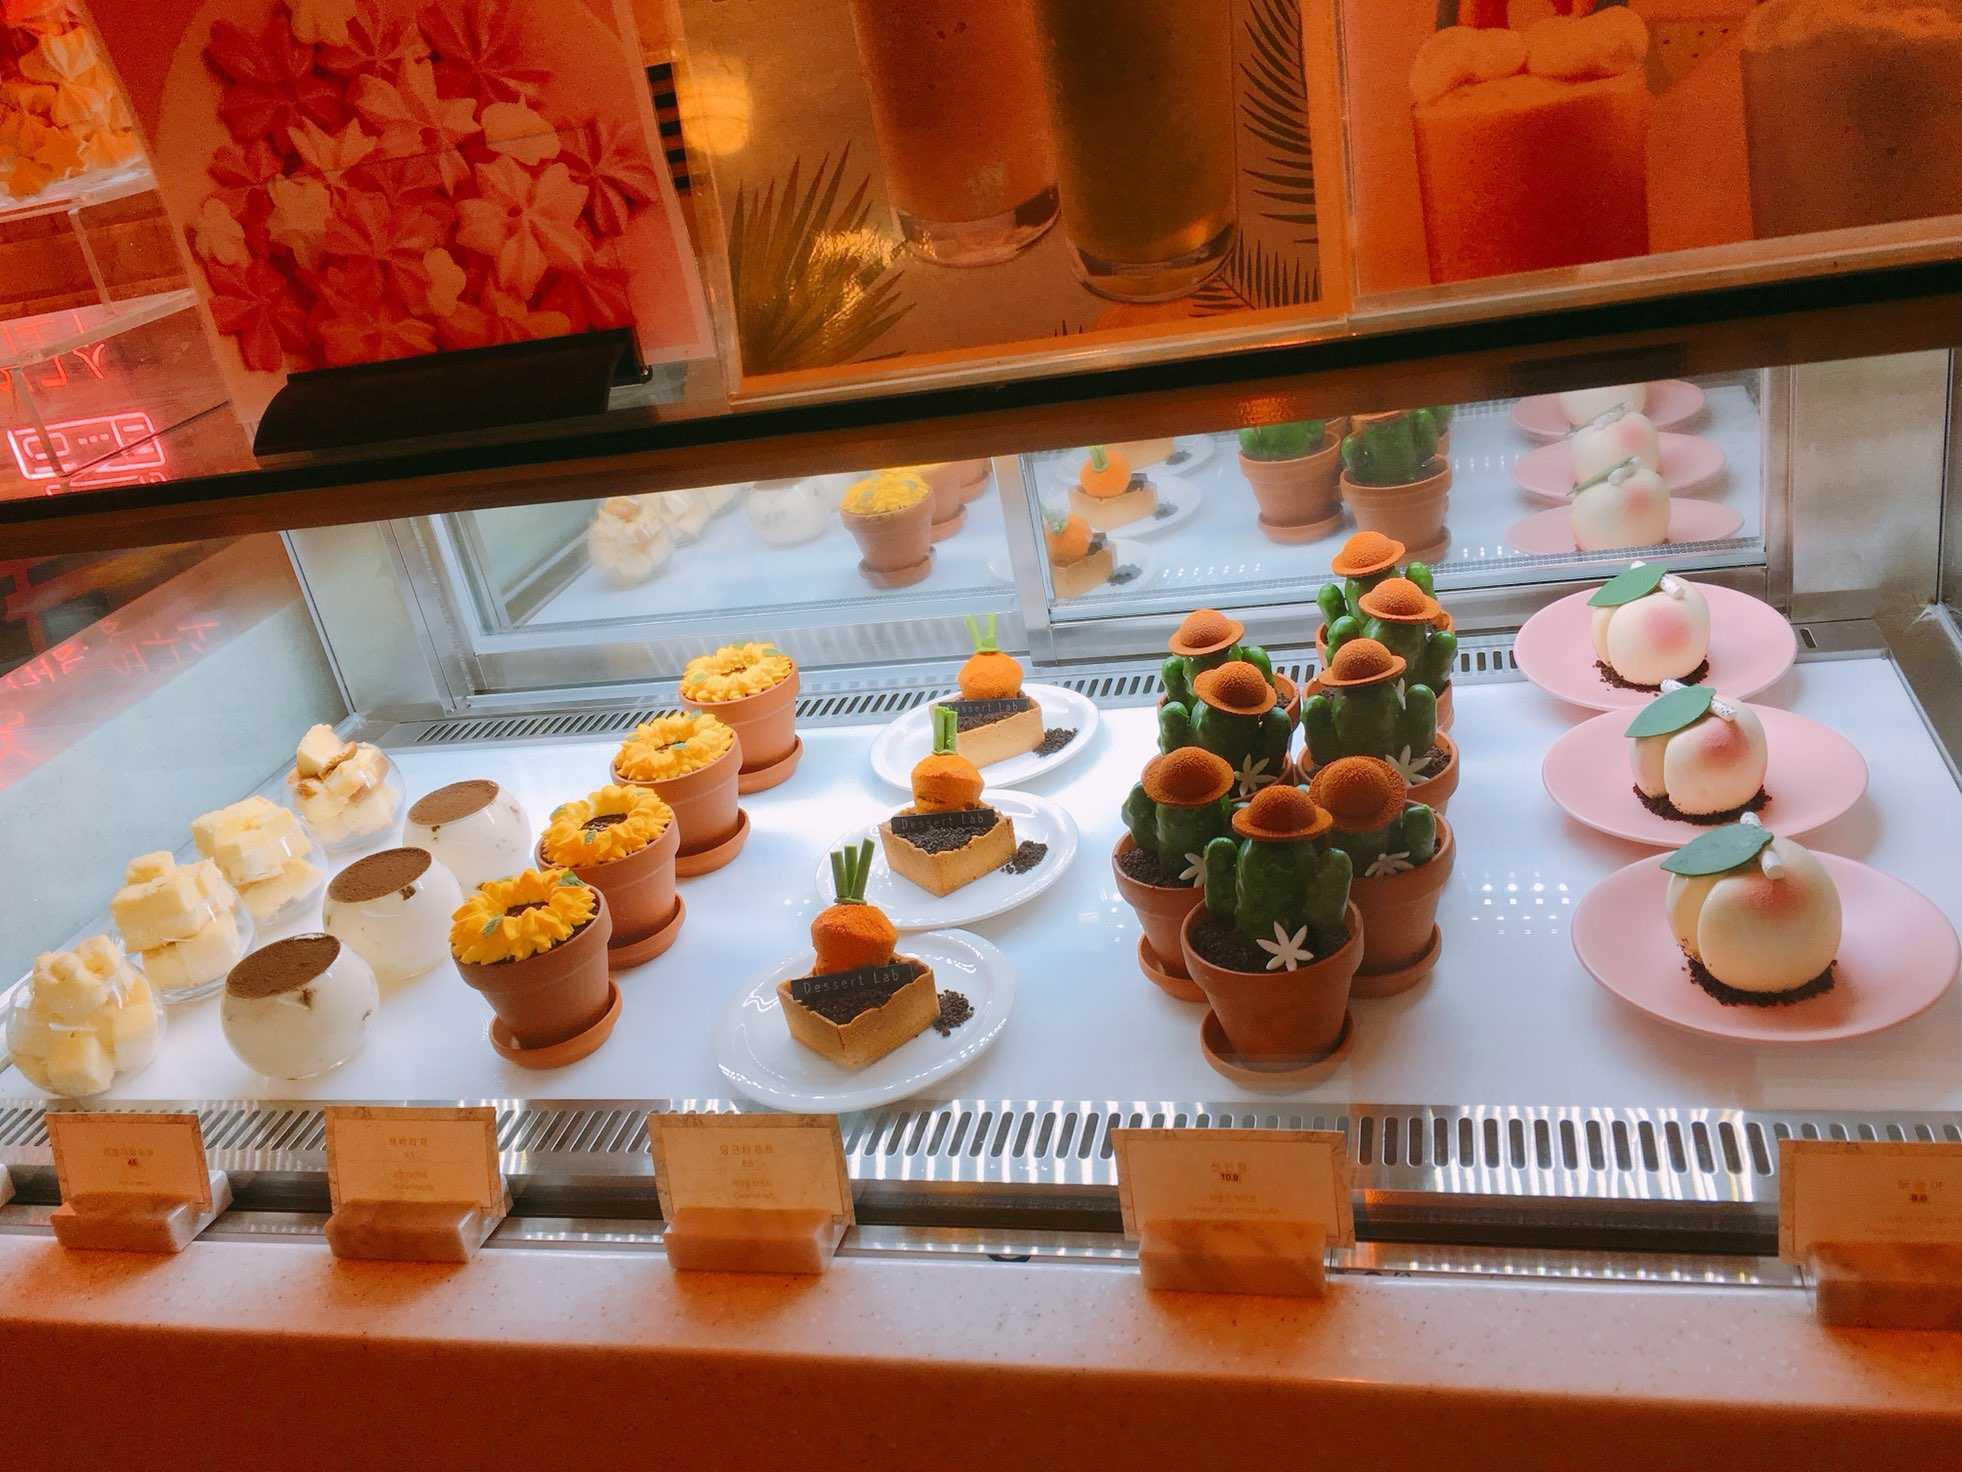 接著帶大家來看看甜點,是不是超~可~愛!!!這裡甜點全部都是手工製作,而且不定時會推出不同的產品,覺得好厲害呀~價位大概是在9000韓幣左右